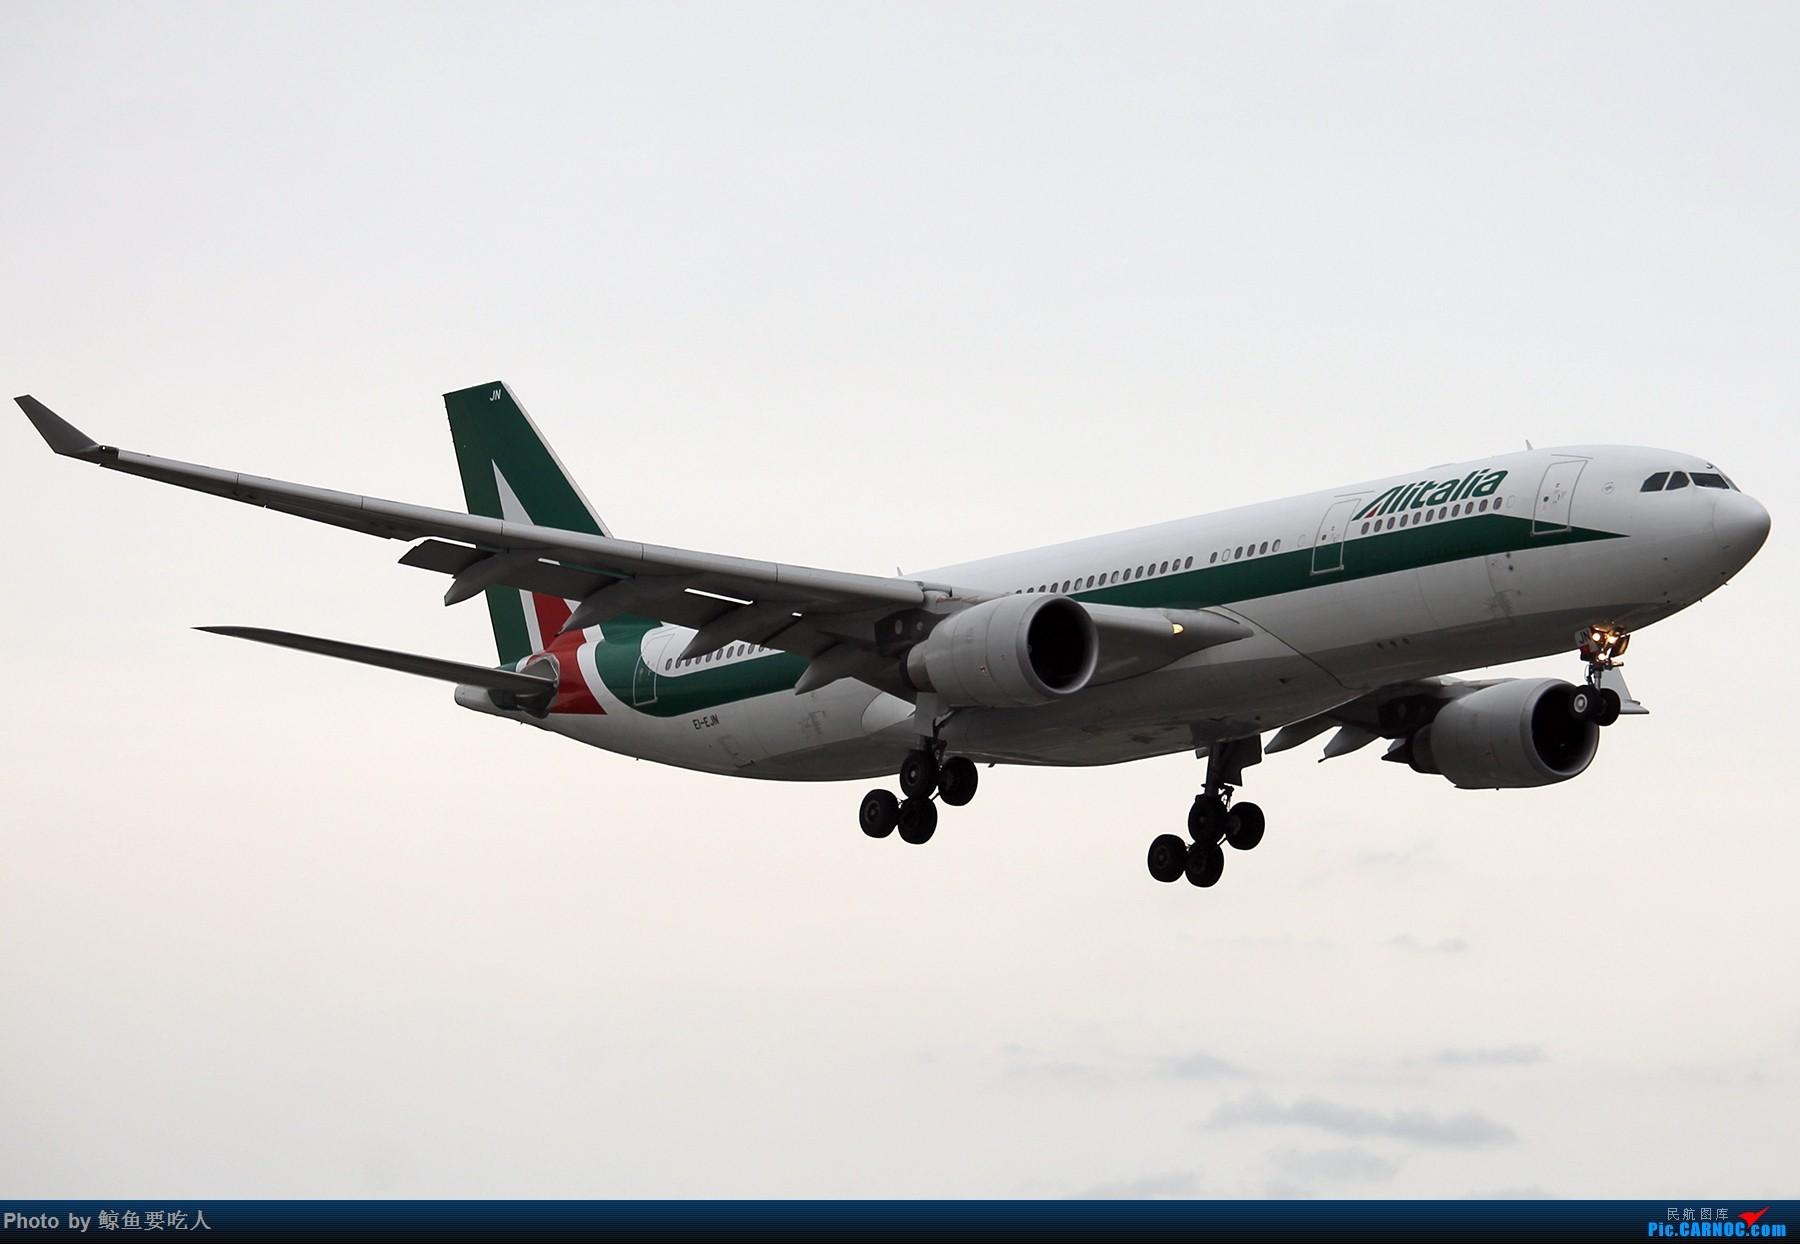 Re:[原创][YYZ] 多伦多皮尔逊国际机场 阴天起降一组~~~ AIRBUS A330-300 EI-EJN 多伦多皮尔逊国际机场